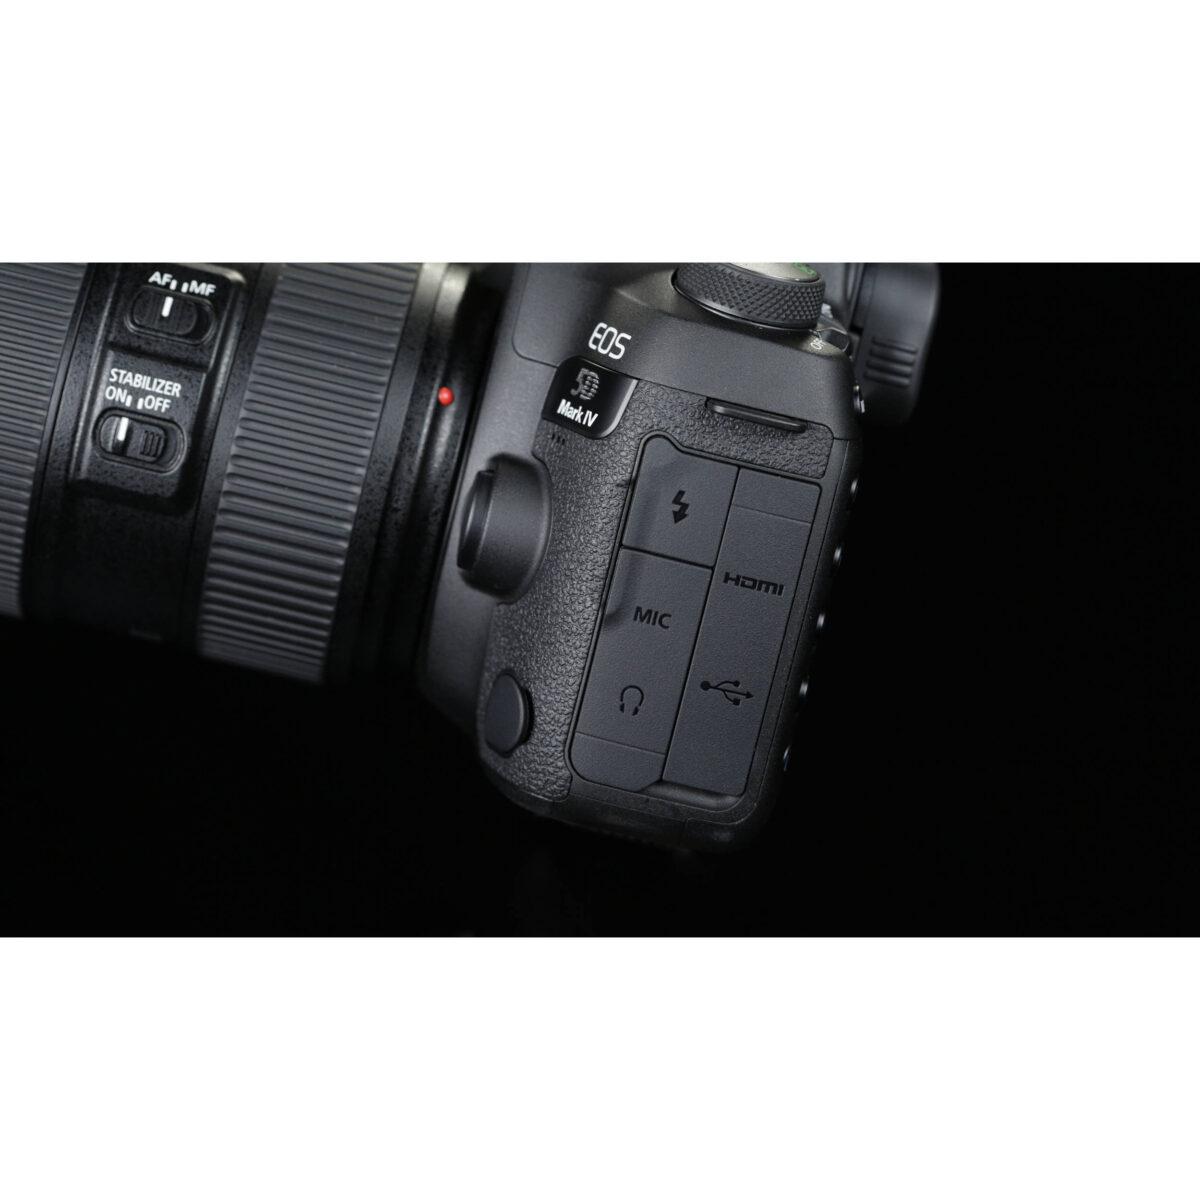 بهترین قیمت دوربین دیجیتال کانن eos 5d mark IV - فروشگاه یزد کمرا